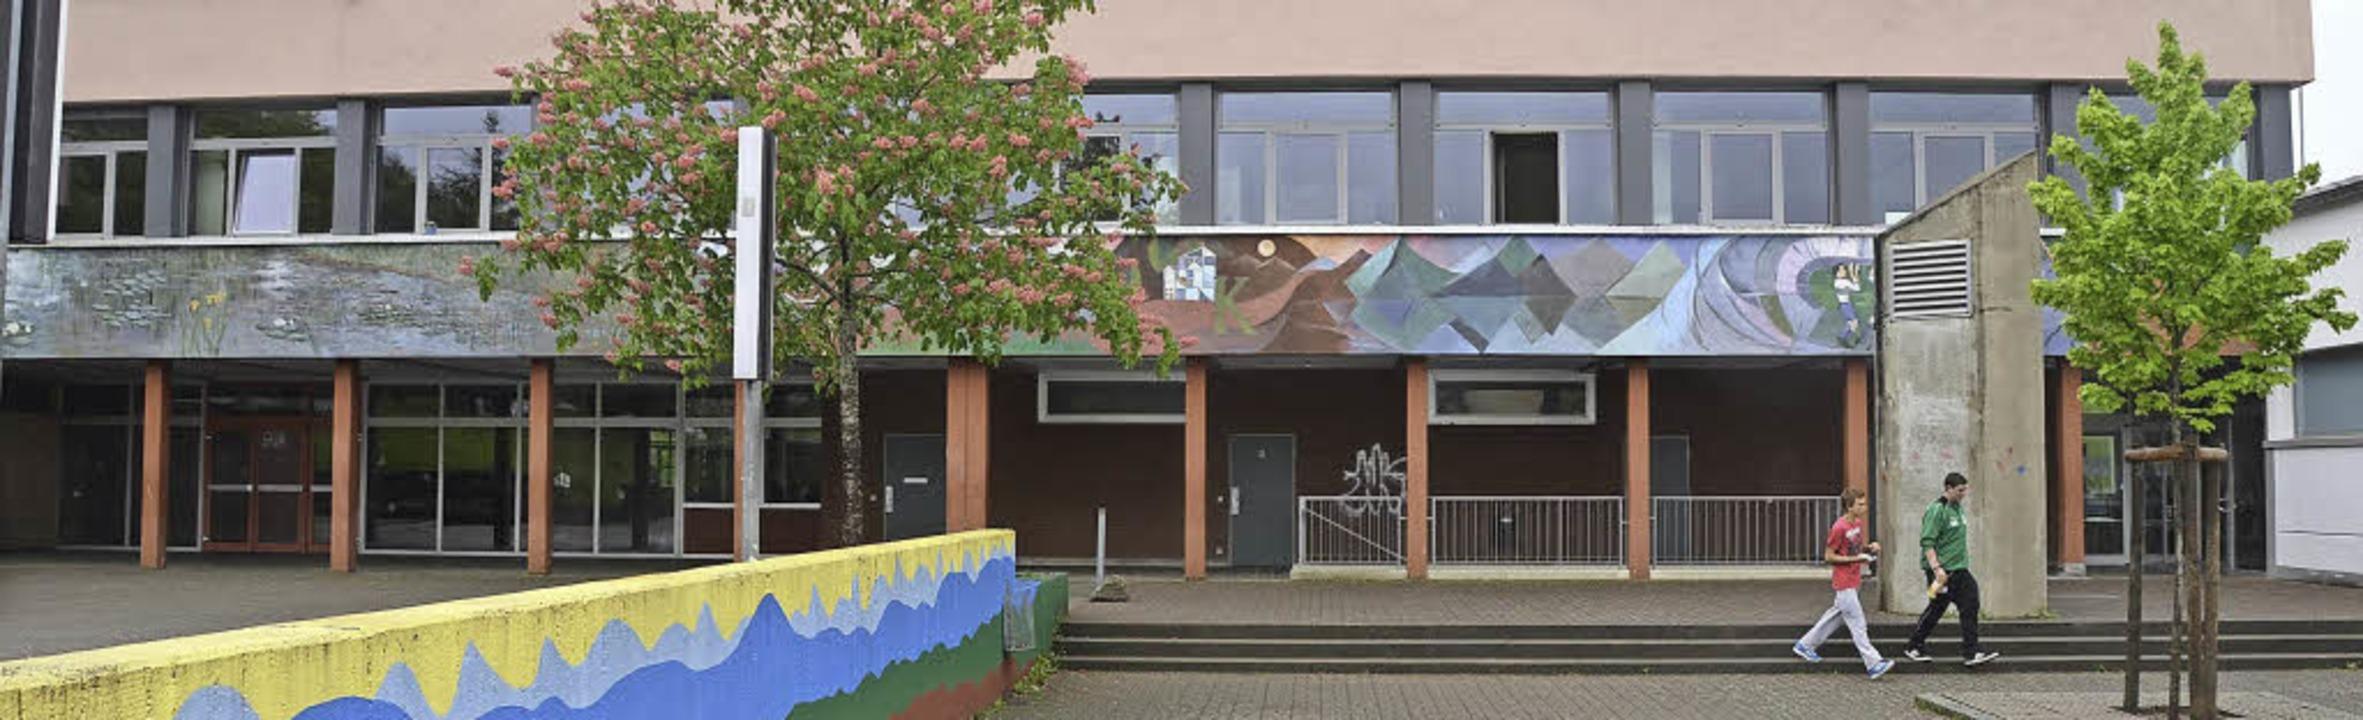 Vom Haupteingang der Macke-Schule (lin...n Mensa  (ganz rechts) gebaut werden.   | Foto: Markus Maier